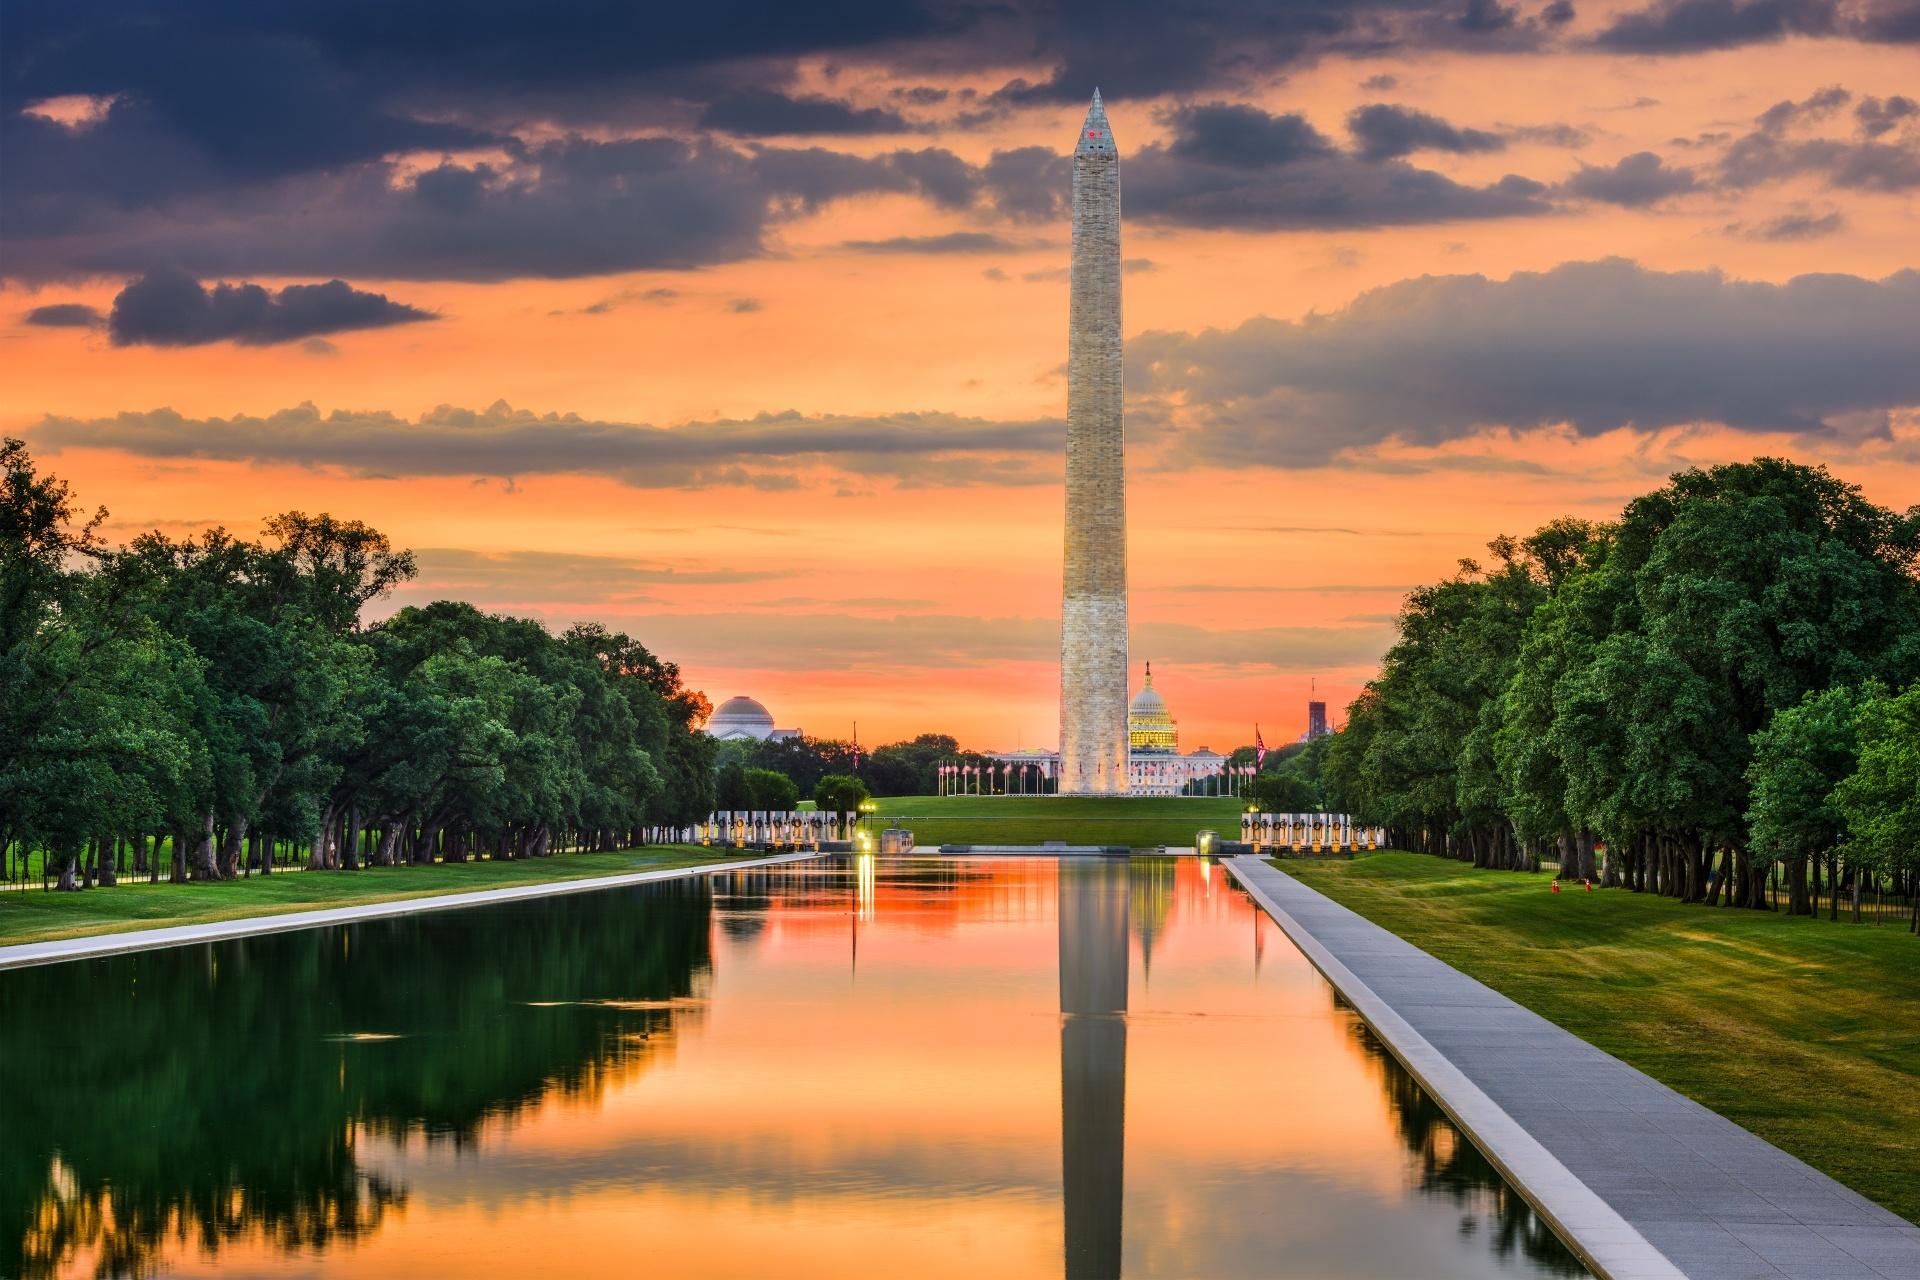 夕暮れのワシントン記念塔 アメリカの風景